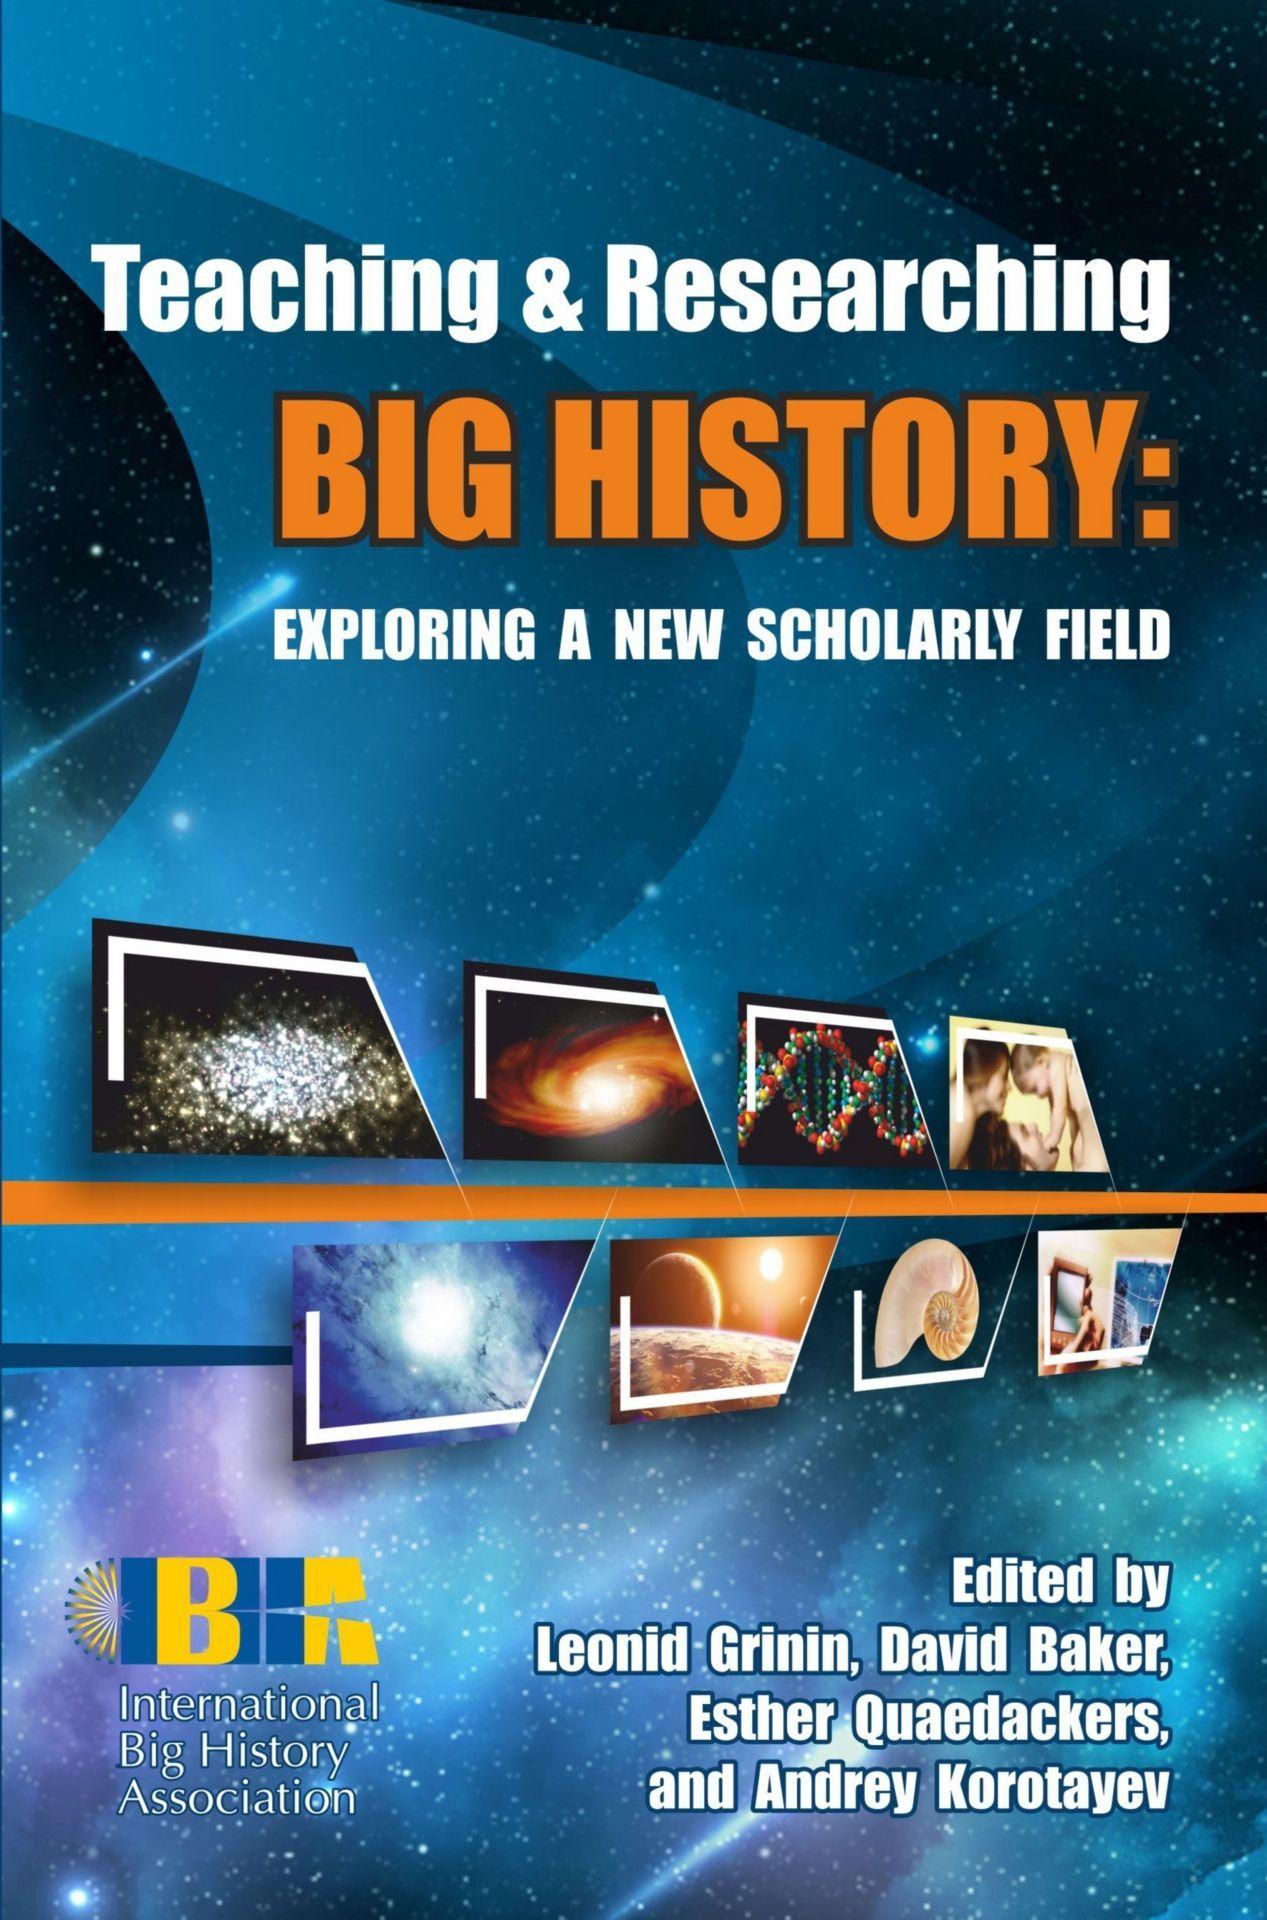 Teaching &amp; Researching Big History: Exploring a New Scholarly FieldВУЗ<br>Согласно рабочему определению международной ассоциации Большой Истории, Большая история стремится понять целостную историю Космоса, Земли, Жизни и Человечества, используя лучшие доступные эмпирические данные и научные методы. В последние годы Большая ис...<br><br>Авторы: Grinin L.E., Baker D., Quaedackers E., Korotayev A.V.<br>Год: 2014<br>Серия: Для студентов и преподавателей<br>ISBN: 978-5-7057-4027-7<br>Высота: 210<br>Ширина: 140<br>Толщина: 17<br>Переплёт: мягкая, склейка